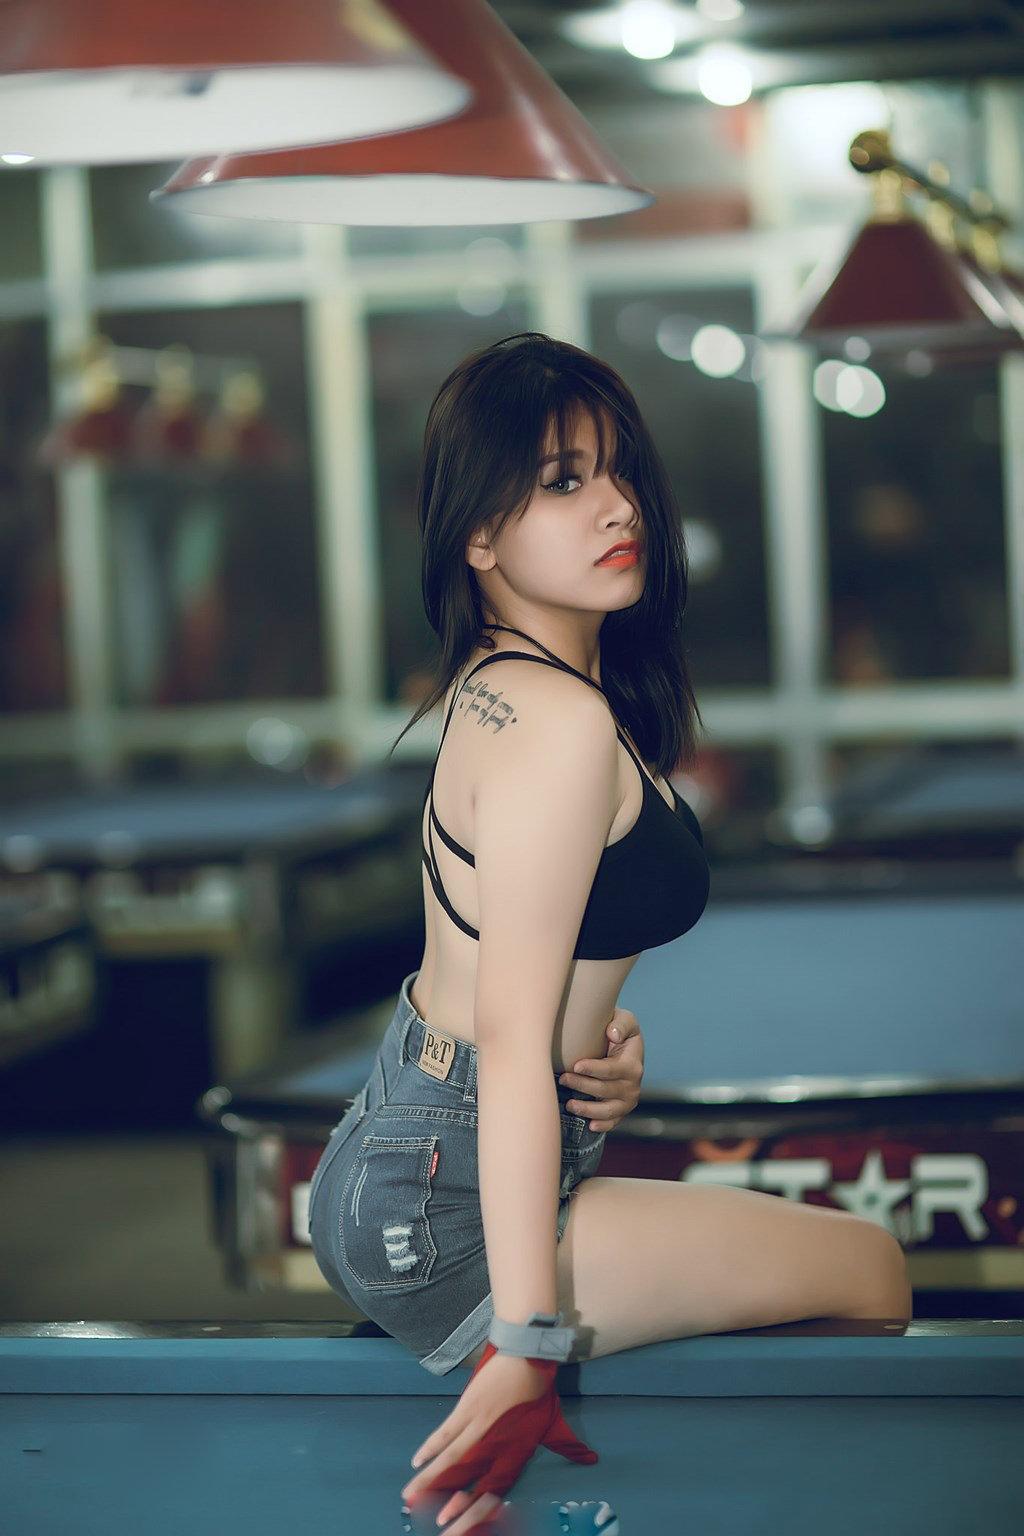 Mê mẩn với bộ ảnh các thiếu nữ Việt Nam xinh đẹp và đầy quyến rũ - Hình 3